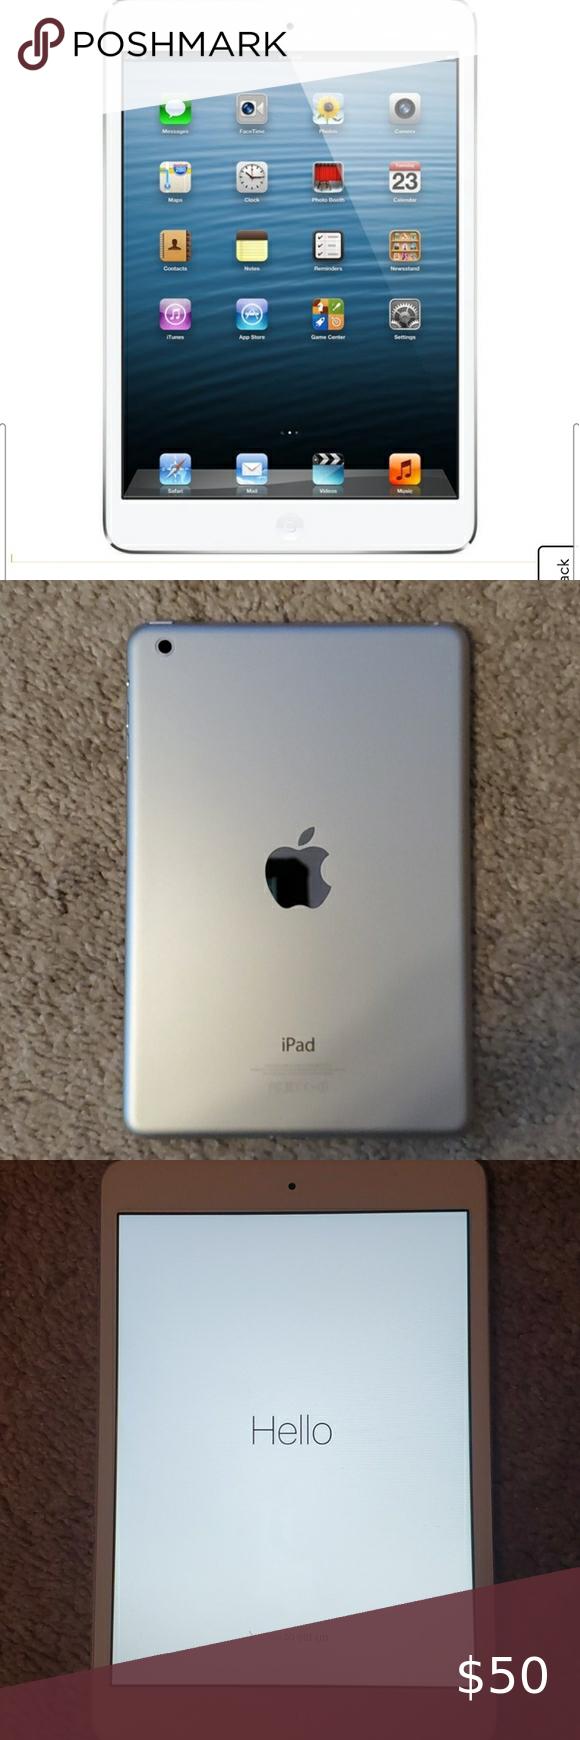 Apple Ipad Mini 1st Generation 2012 Ipad Mini 1st Generation Apple Ipad Mini Ipad Mini